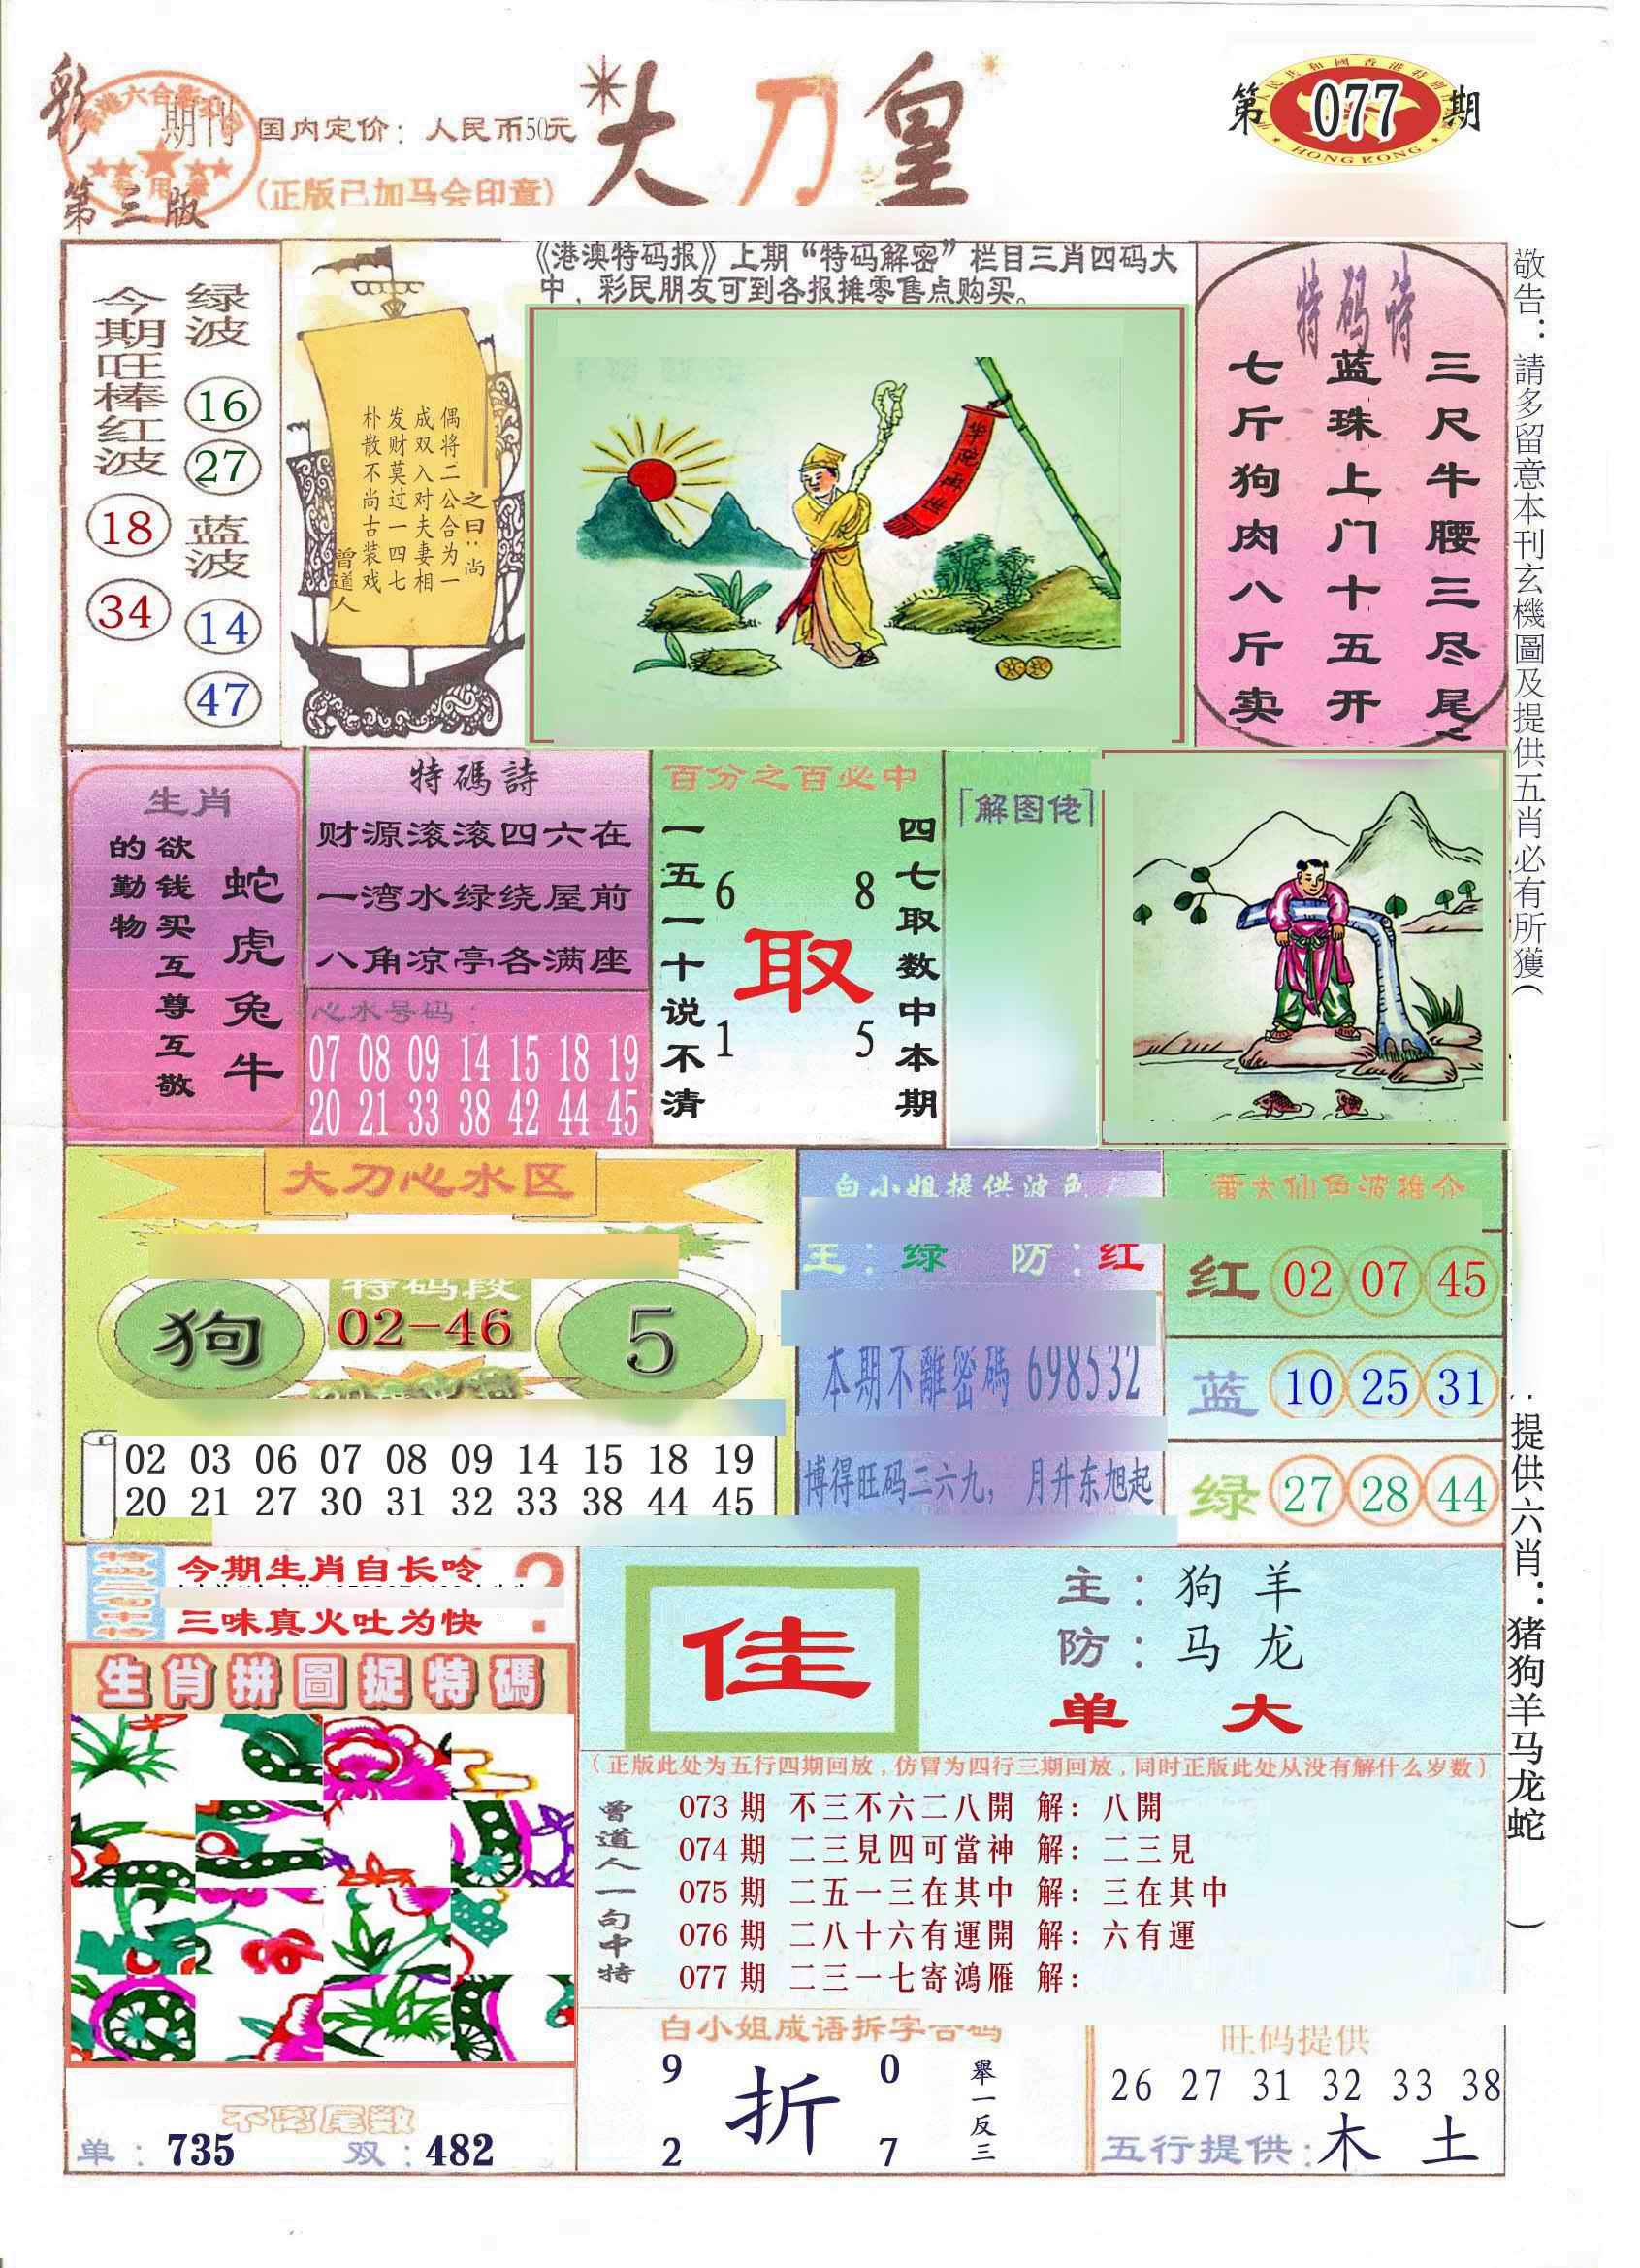 077期大刀皇(彩)